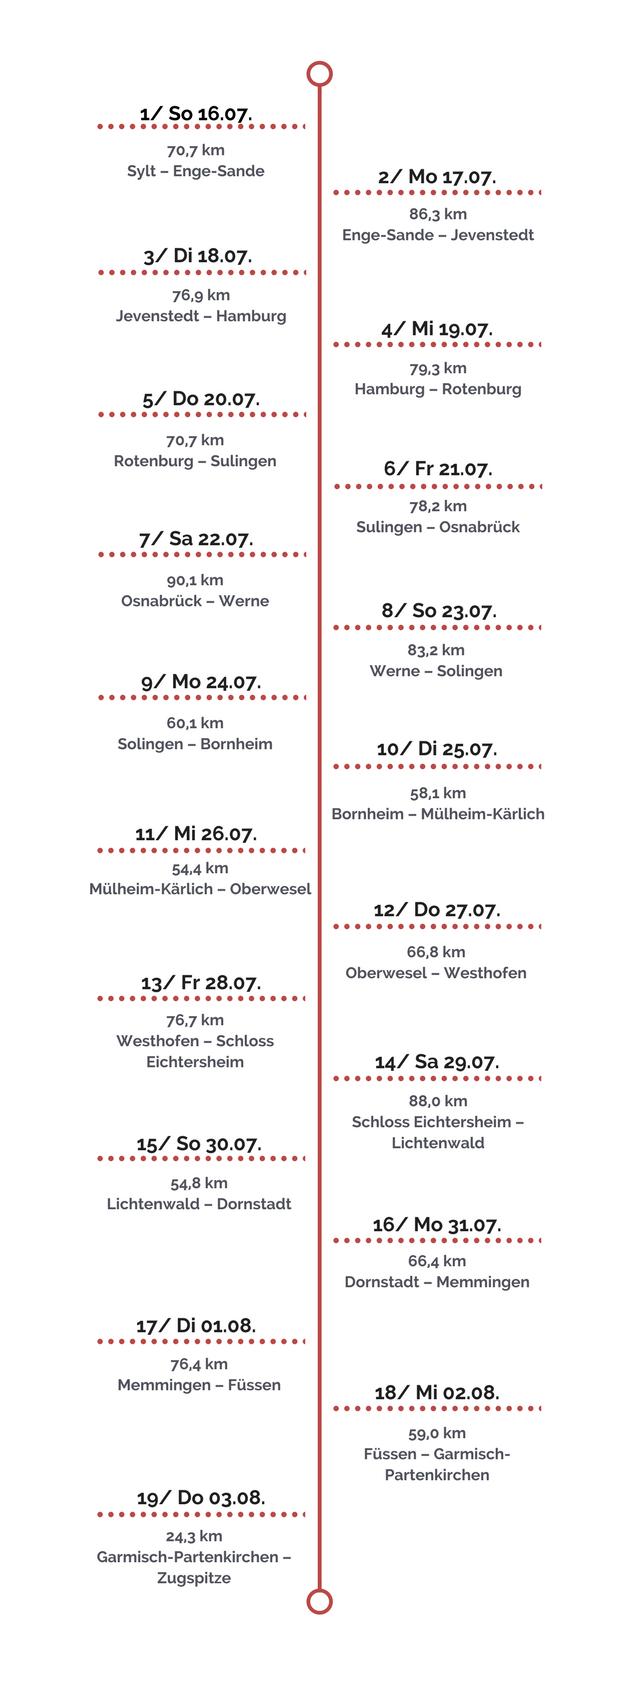 Die Etappen des Deutschlandlaufs 2017